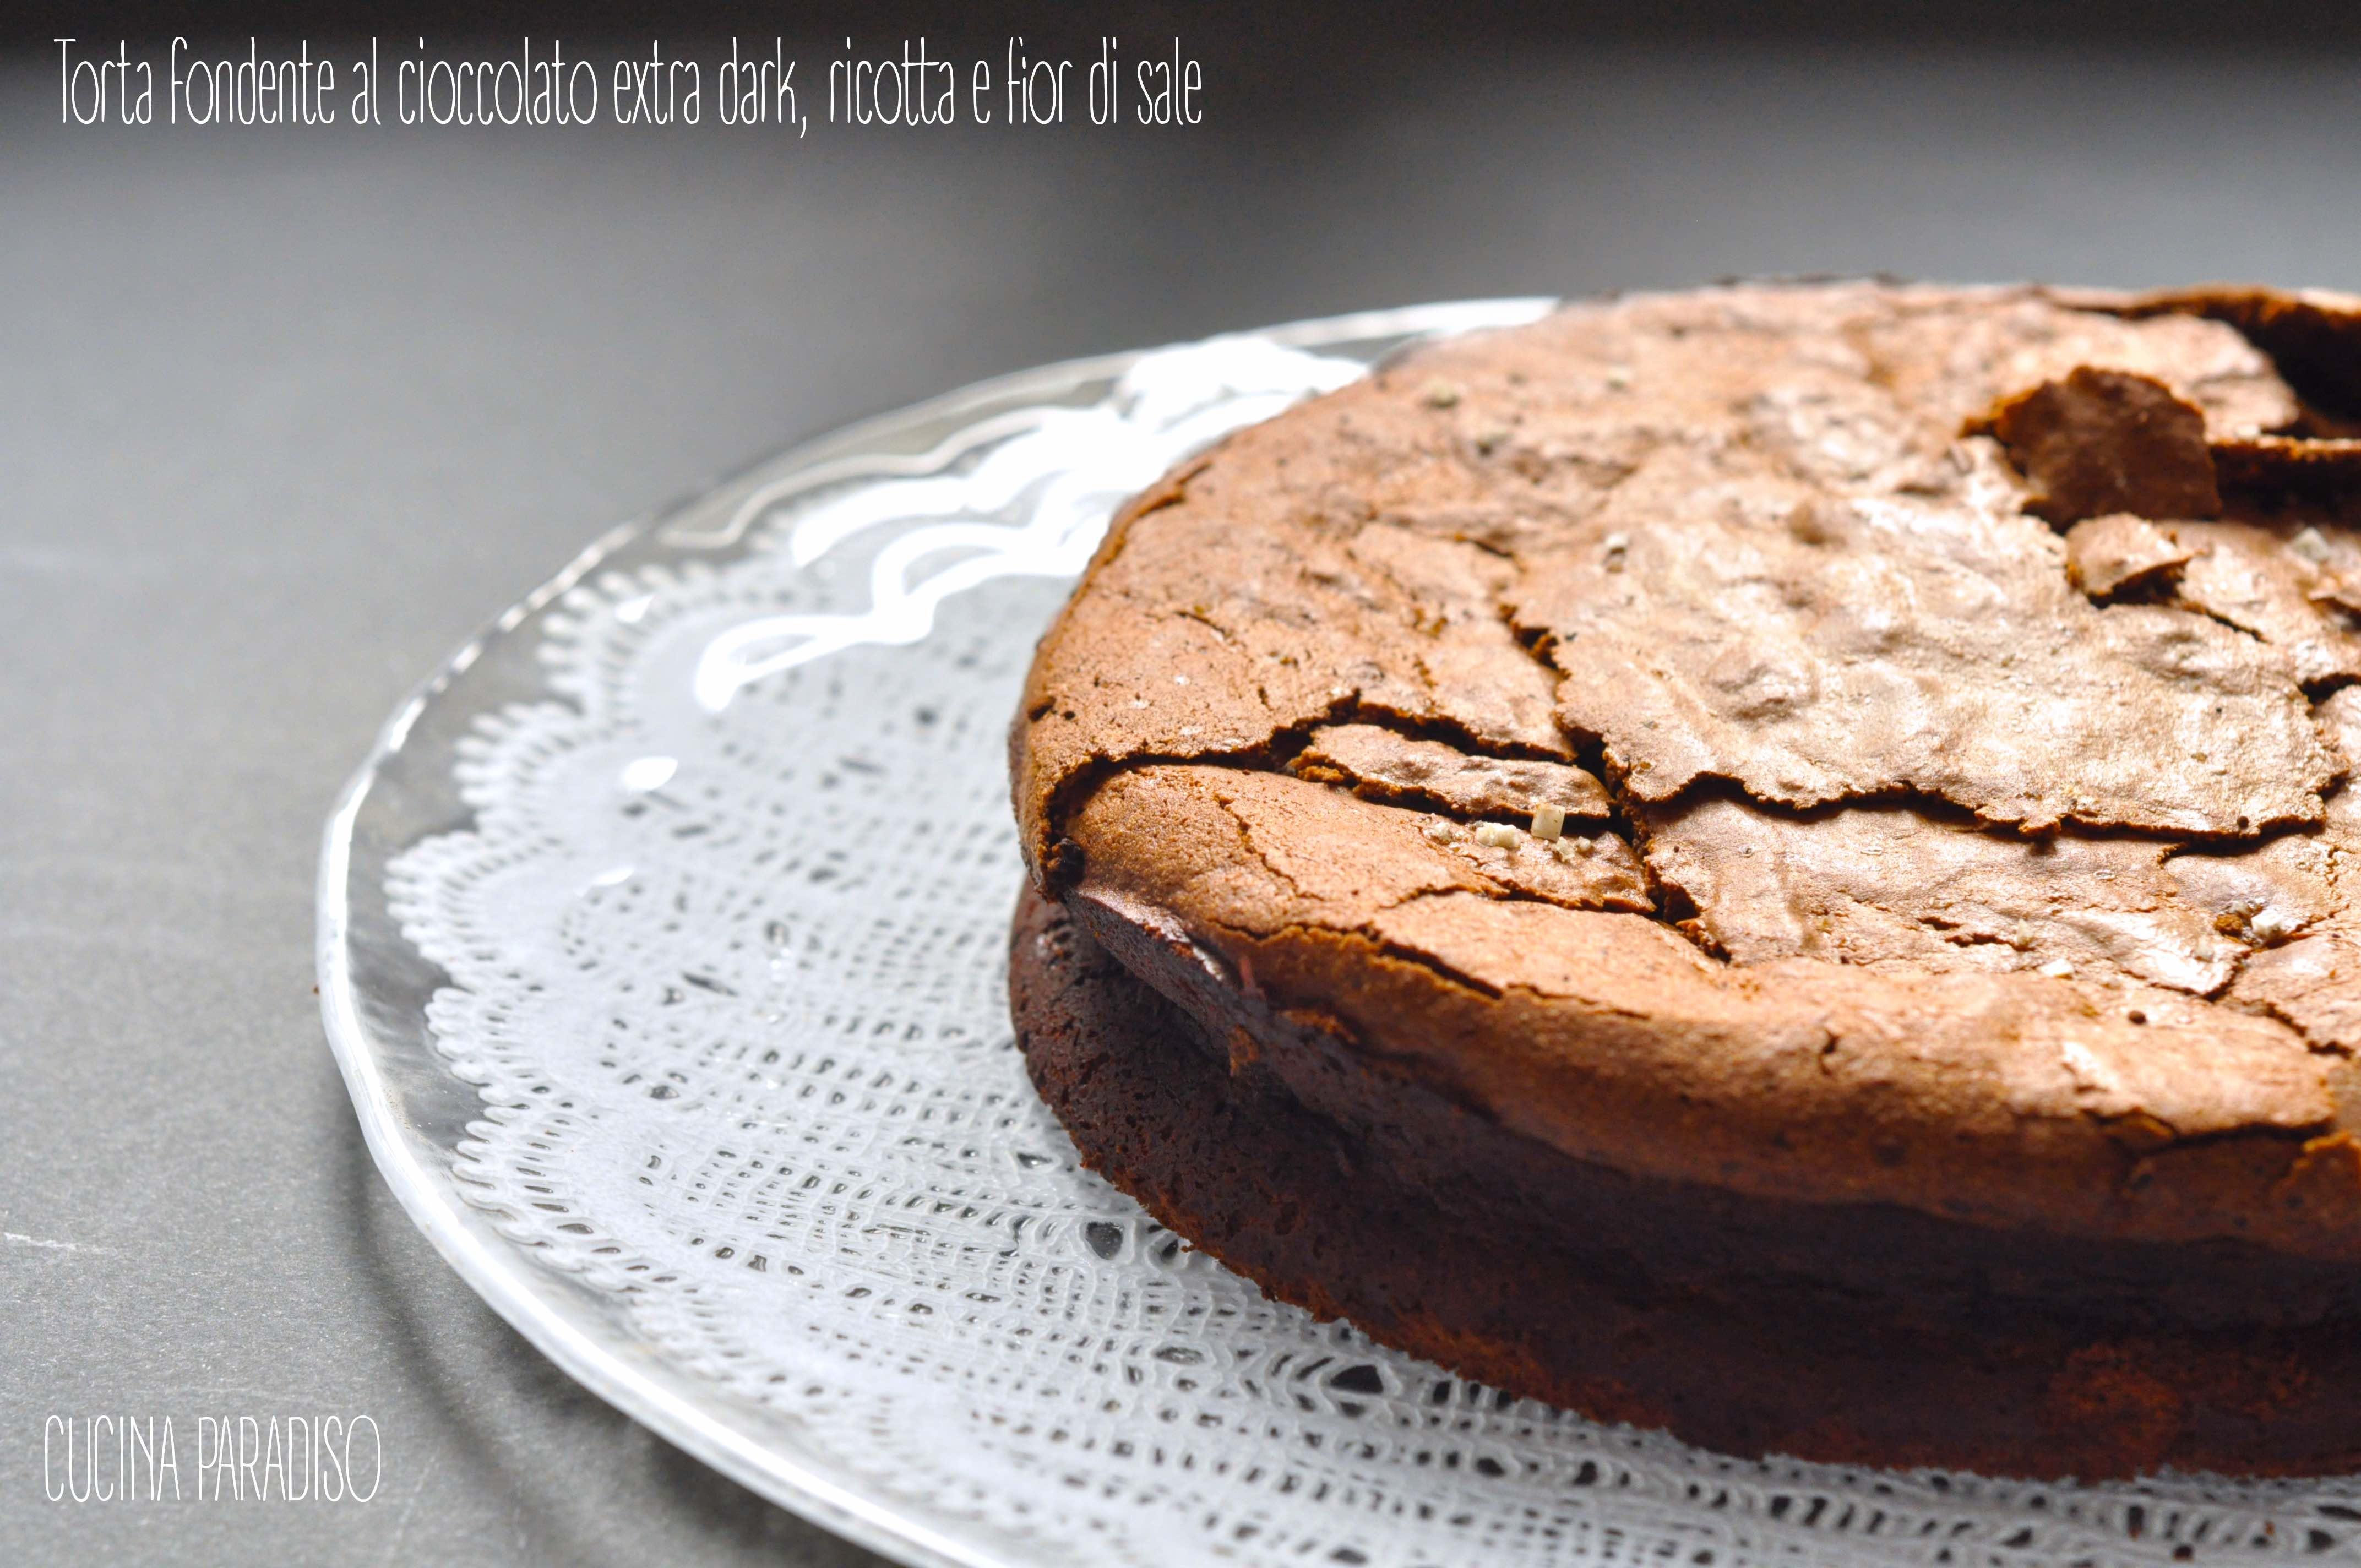 Torta fondente al cioccolato extra dark, ricotta e fior di sale2